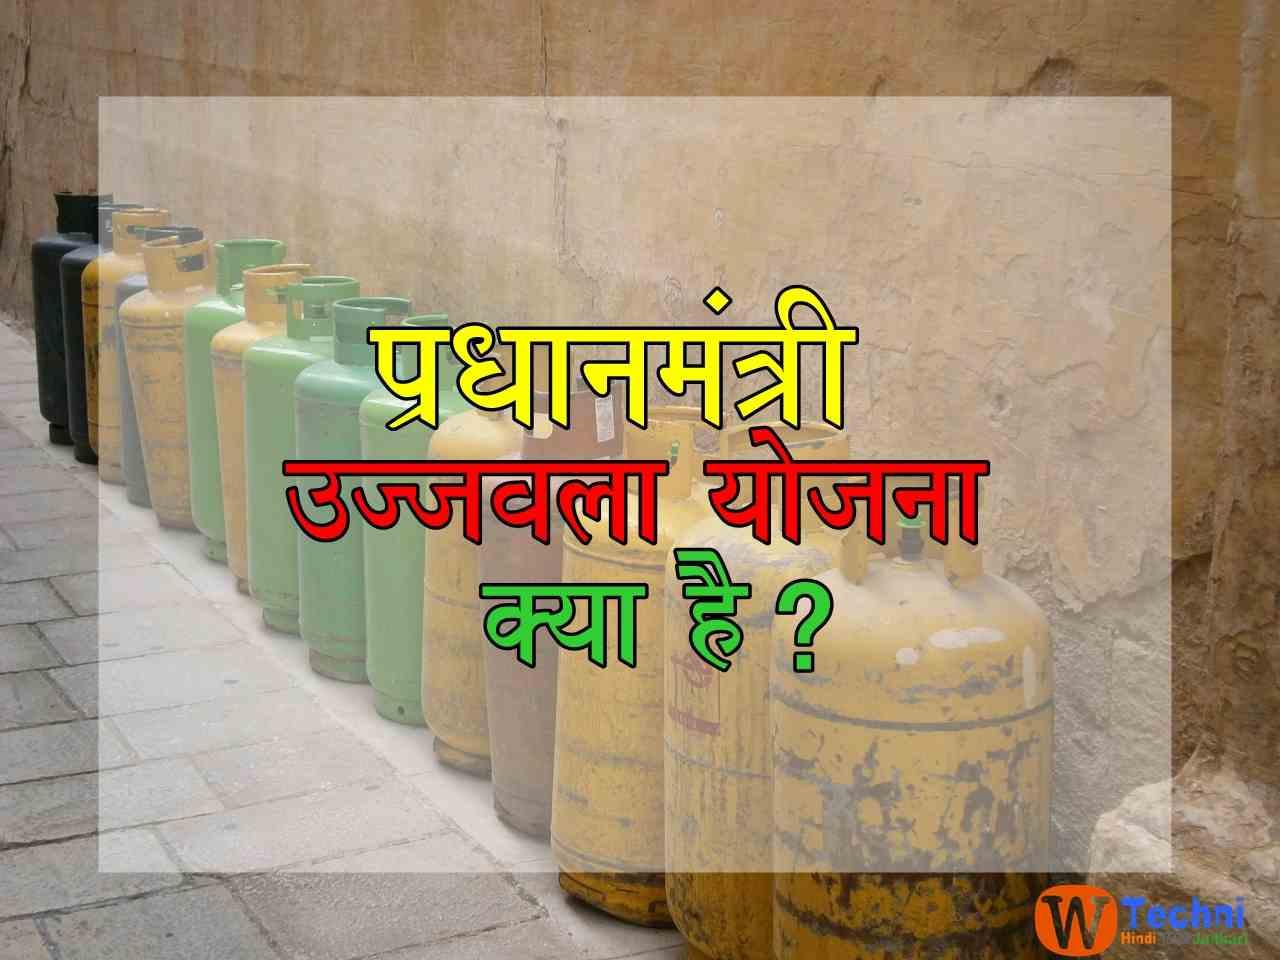 pradhanmantri ujjawal kya hai hindi